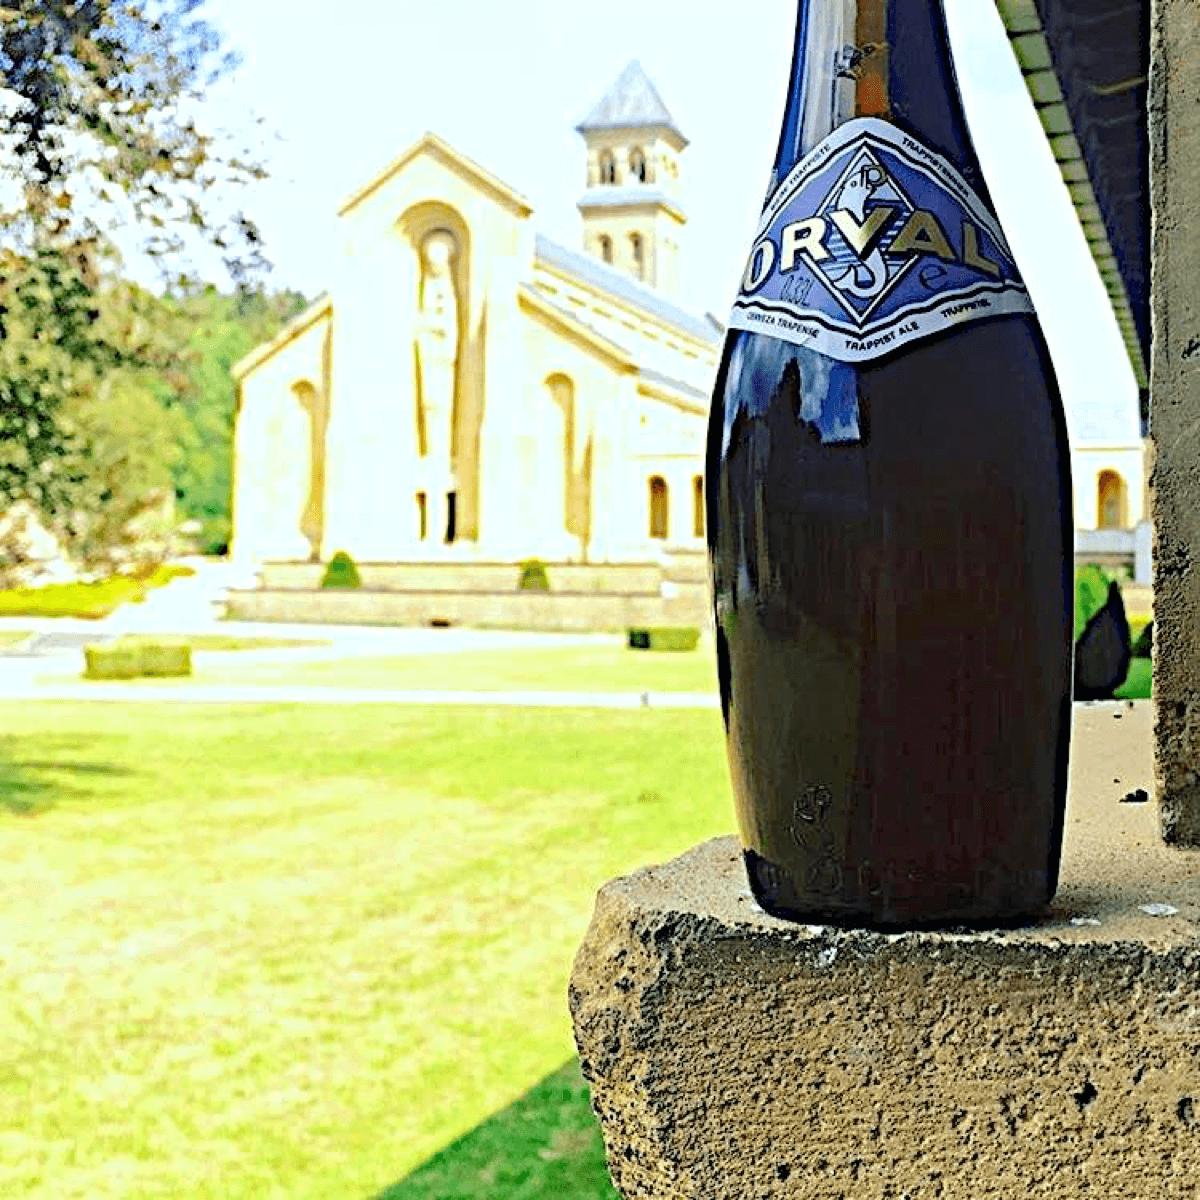 La forme en quille de la bière Orval est unique au monde, et avait été pensée pour résister à la pression de la bière exercée sur la bouteille